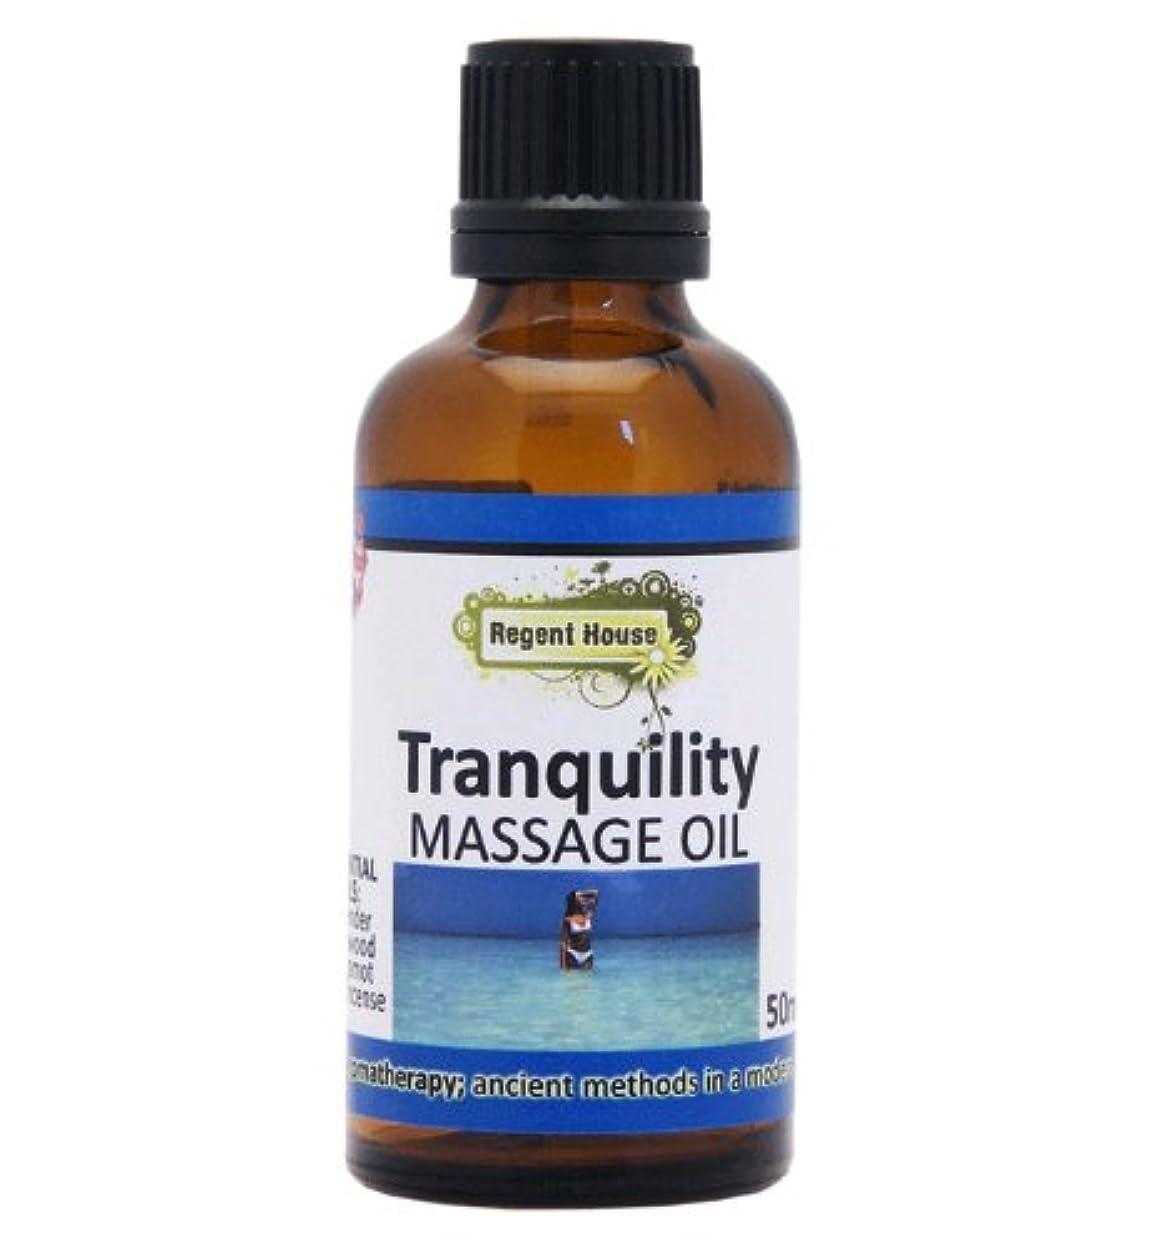 脱獄乳剤ヒゲクジラ貴重なローズウッドを、たっぷり配合しました。 アロマ ナチュラル マッサージオイル 50ml トランキュリティー(Aroma Massage Oil Tranqulity)